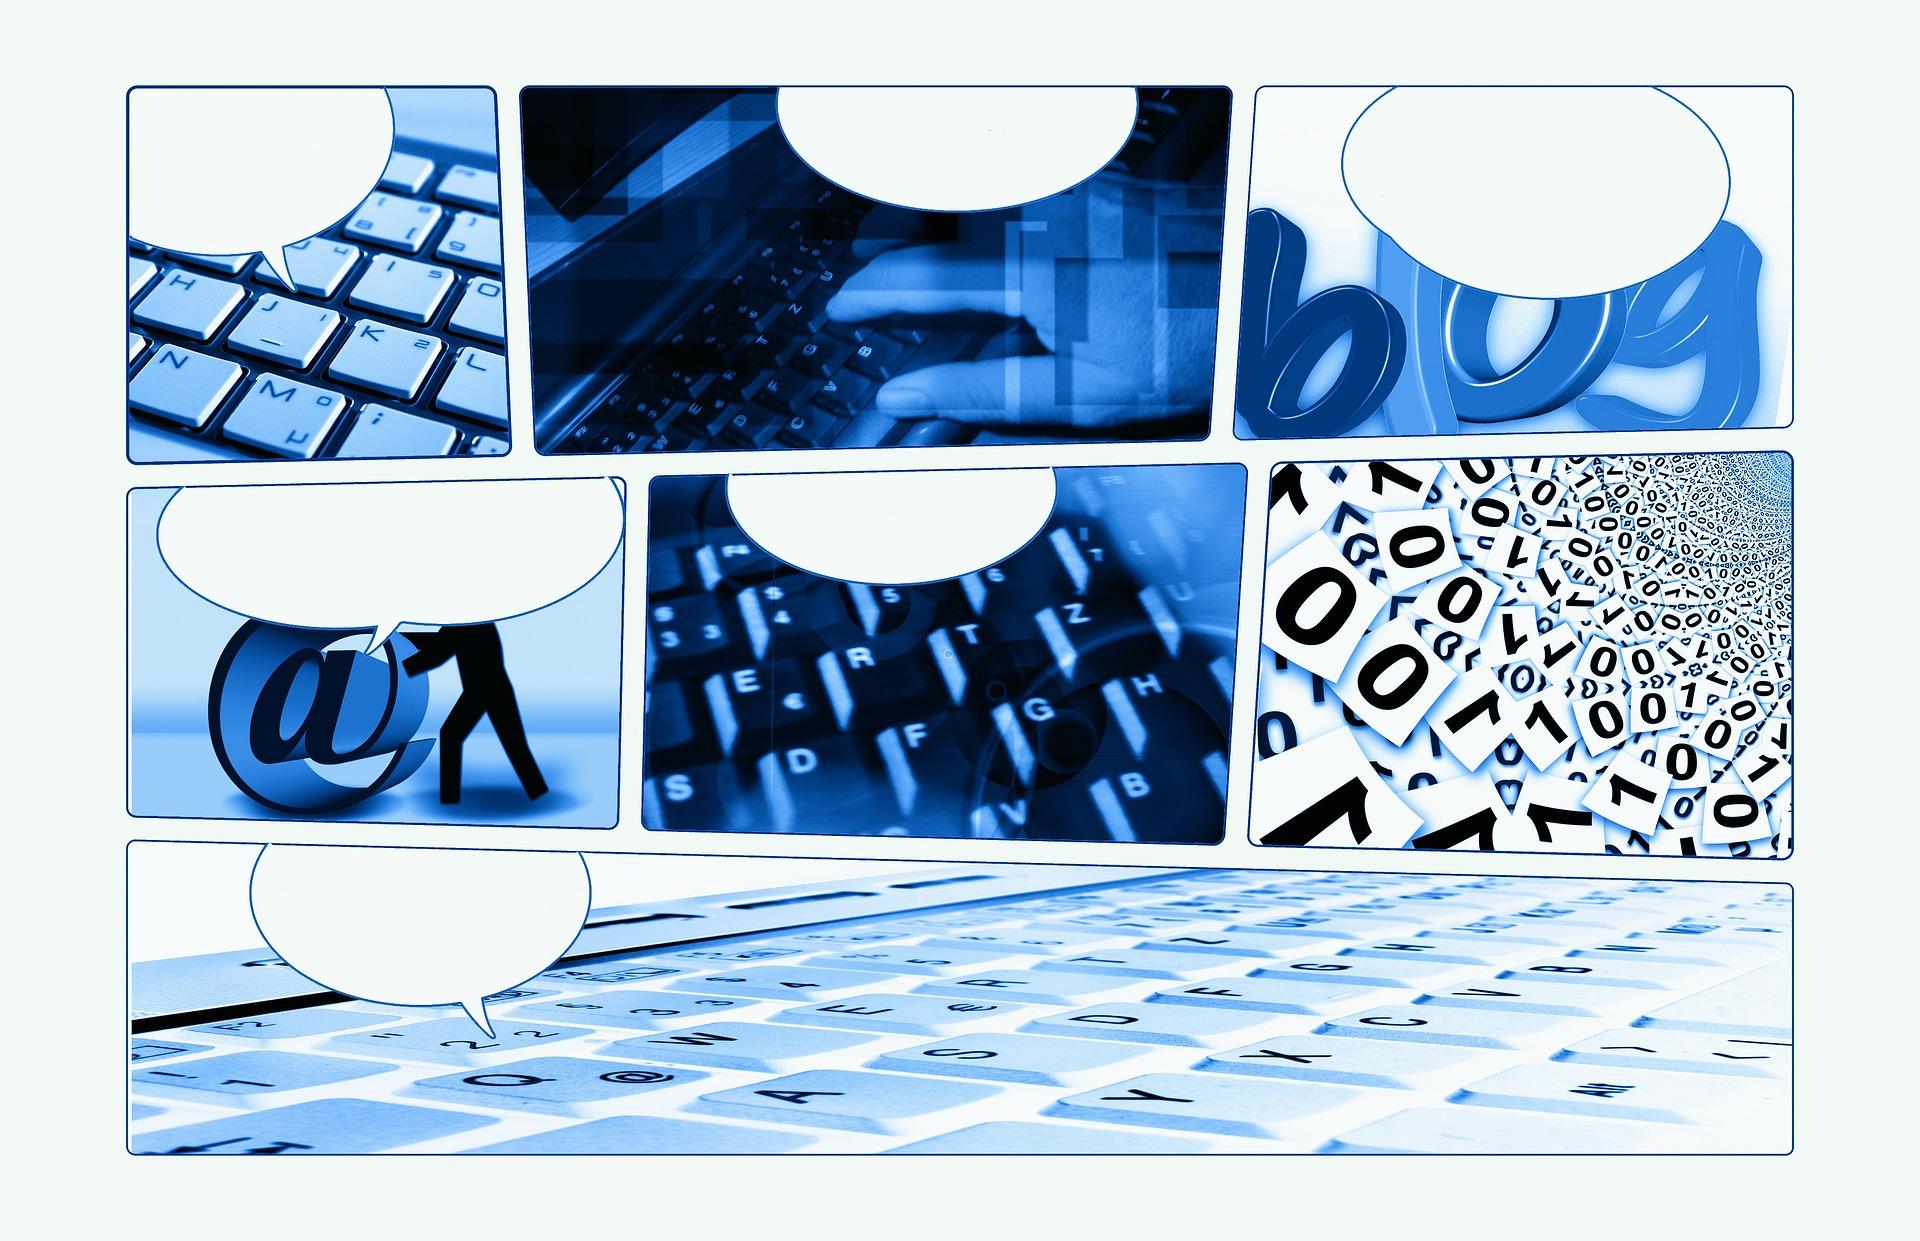 Social Media Revolution o la Revolución del Social Media